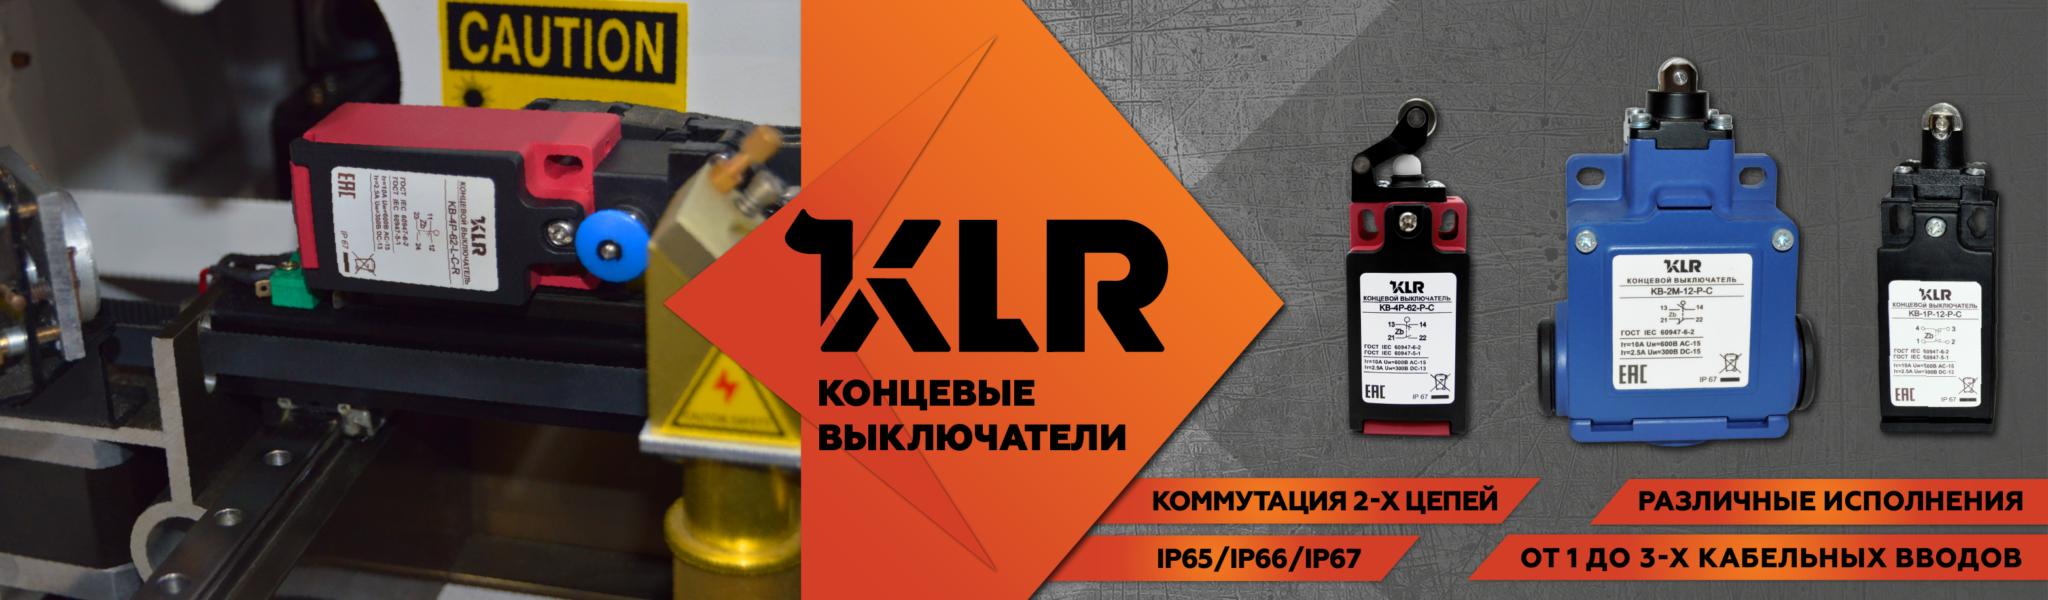 KLR - Концевые выключатели